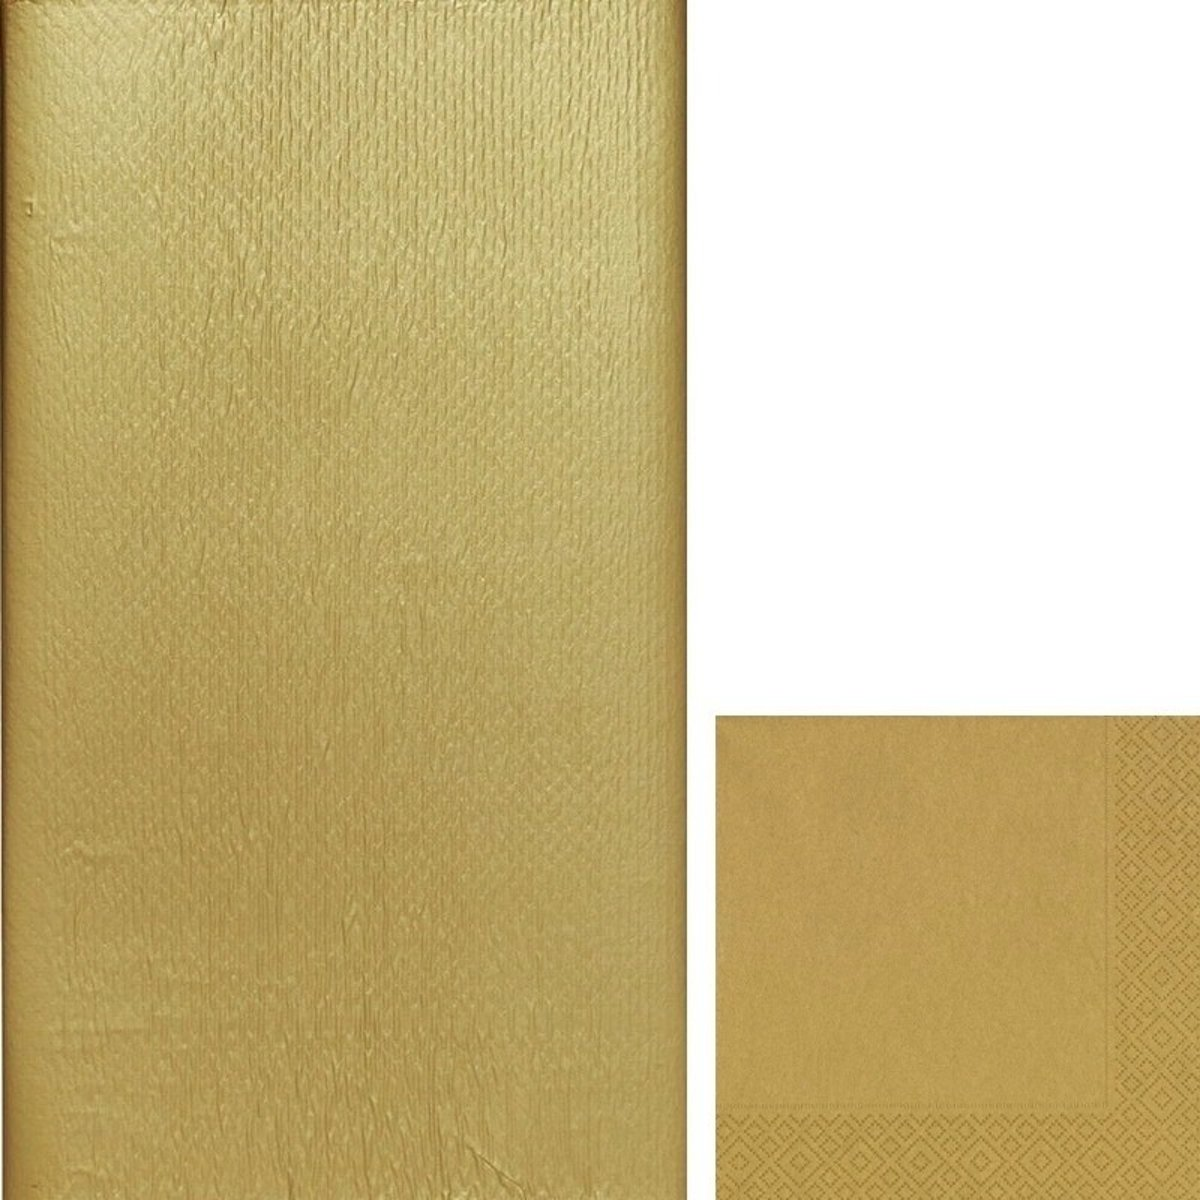 Gouden tafeldecoratie set tafelkleed/servetten - Thema goud - Papieren tafeldecoraties/versieringen